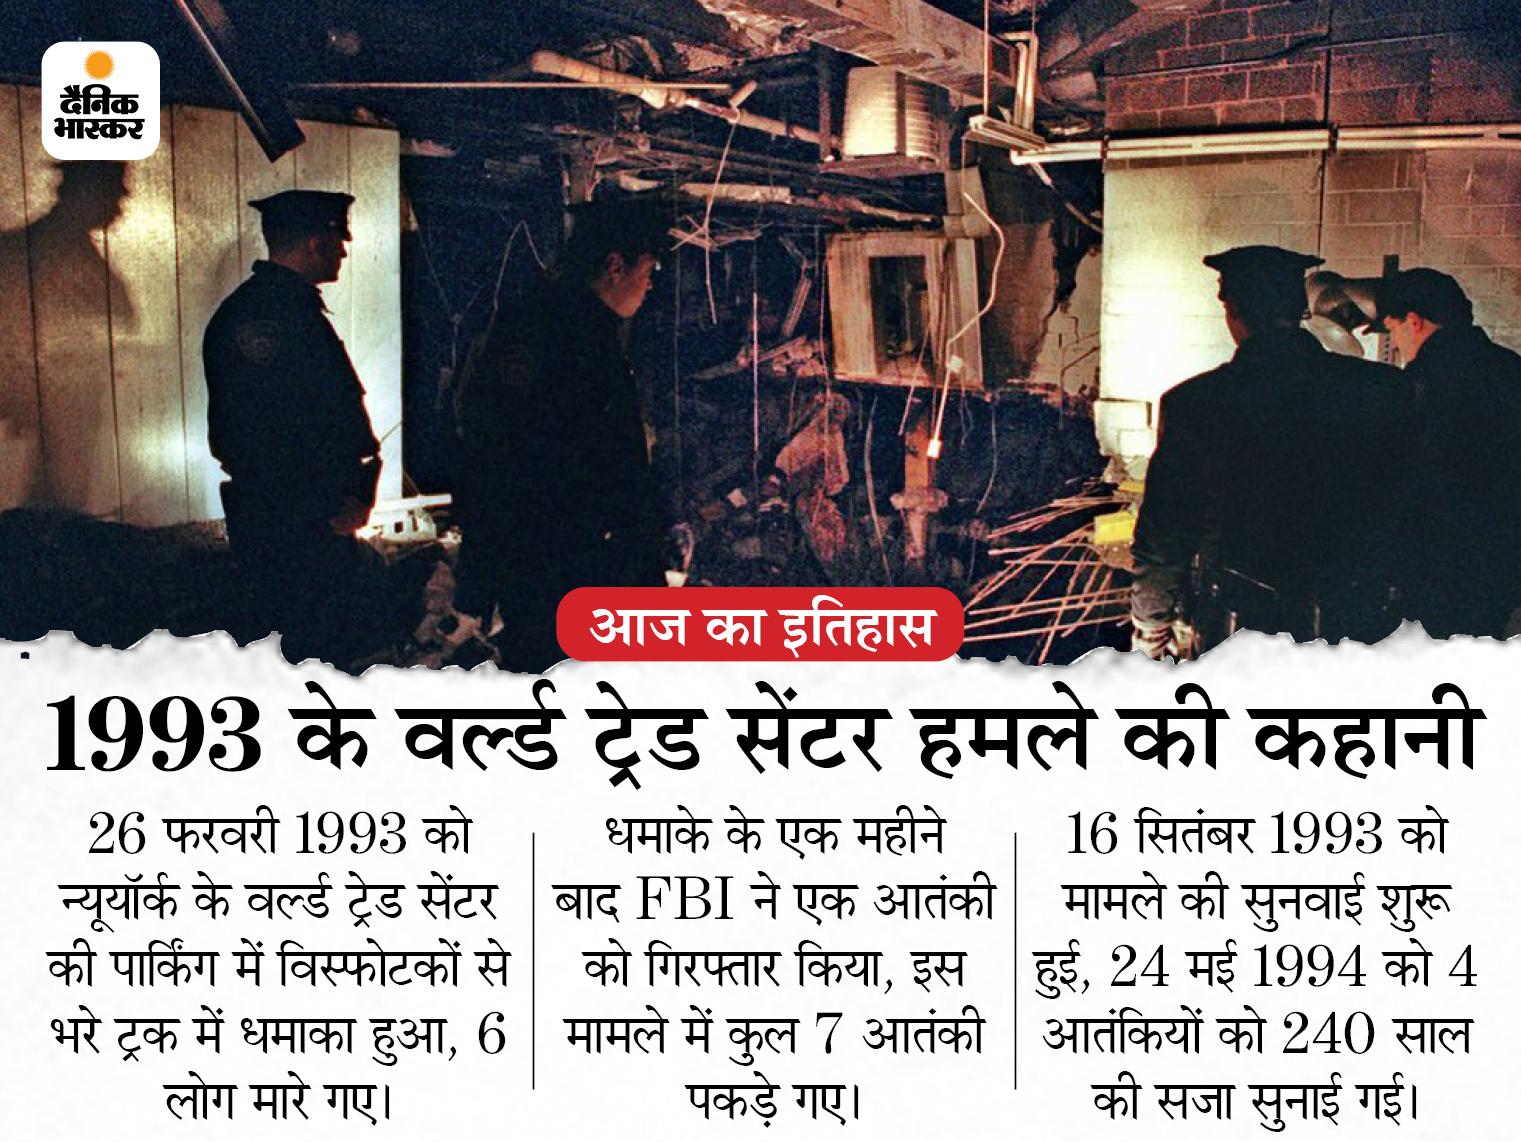 1993 में वर्ल्ड ट्रेड सेंटर की पार्किंग में हुआ था धमाका, एक साल बाद आज ही के दिन हमला करने वालों को हुई 240 साल की सजा|देश,National - Dainik Bhaskar